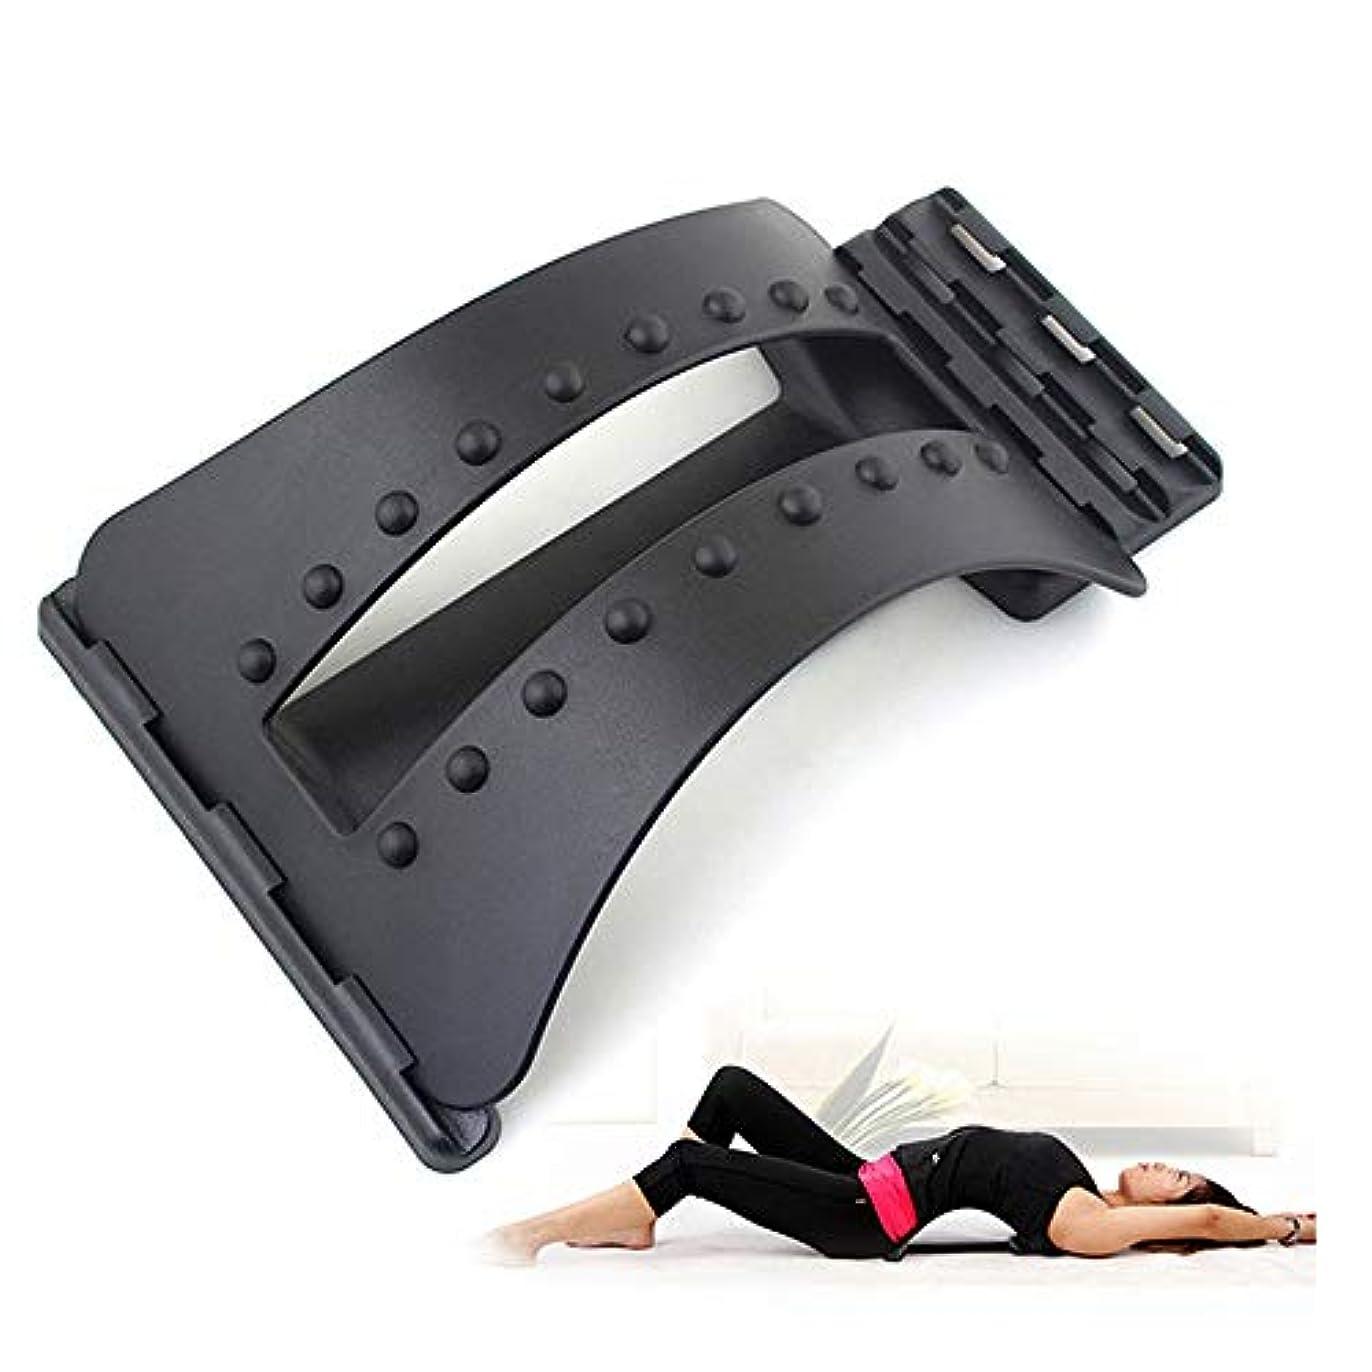 焦げシェア気分が良い背中マッサージストレッチャーフィットネスマッサージ機器ストレッチリラックスストレッチャー腰椎サポート脊椎疼痛救済カイロプラクティックドロップシップ